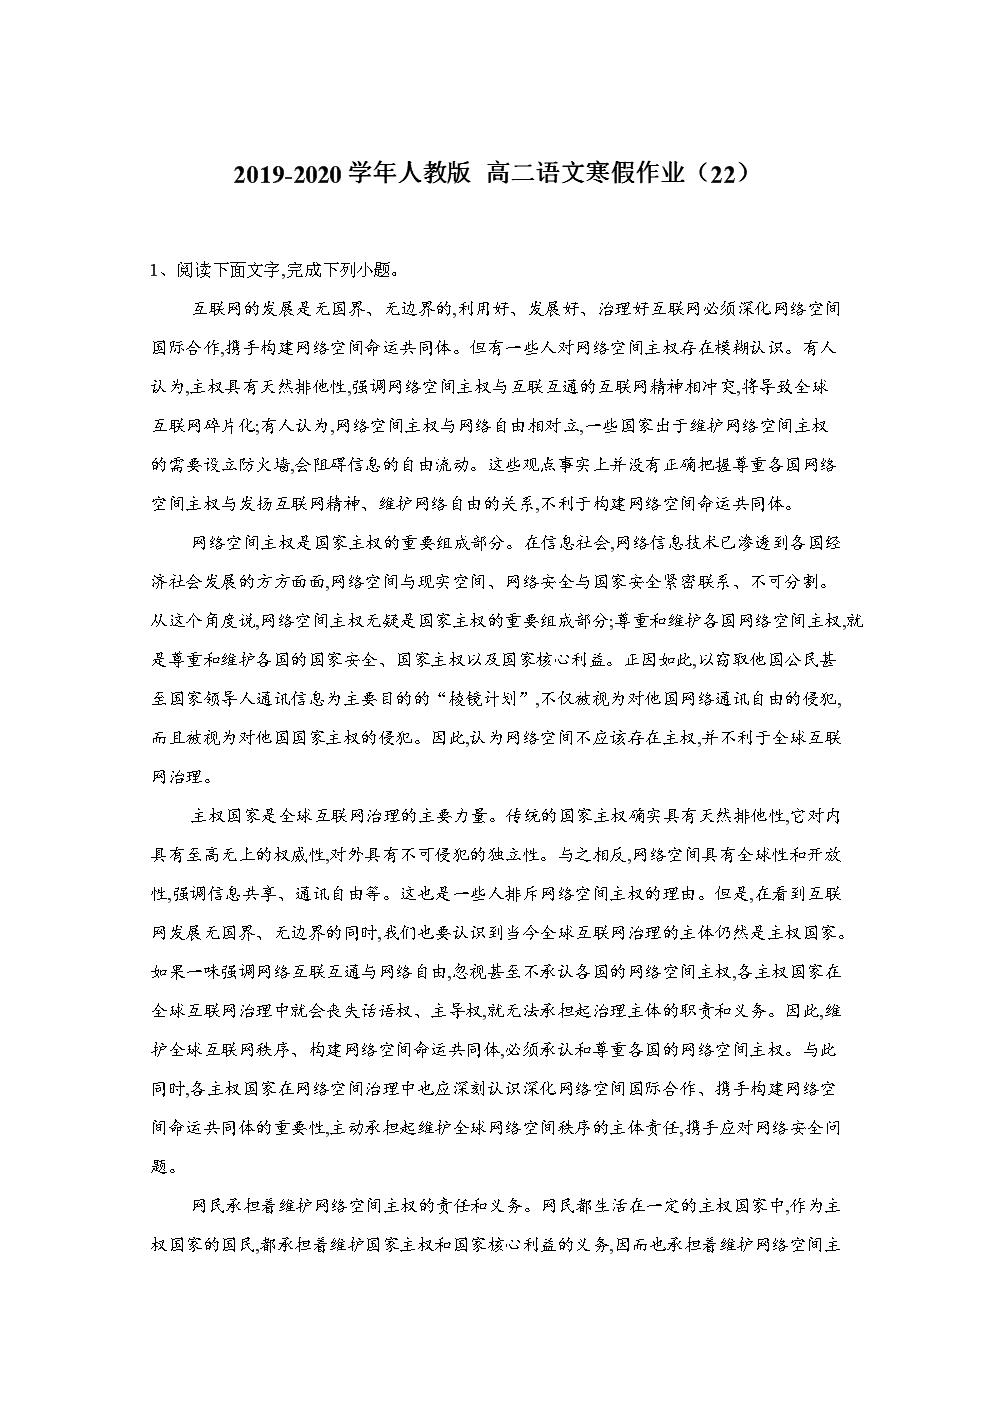 2019-2020学年人教版 高二语文寒假作业(22) Word版含答案.doc